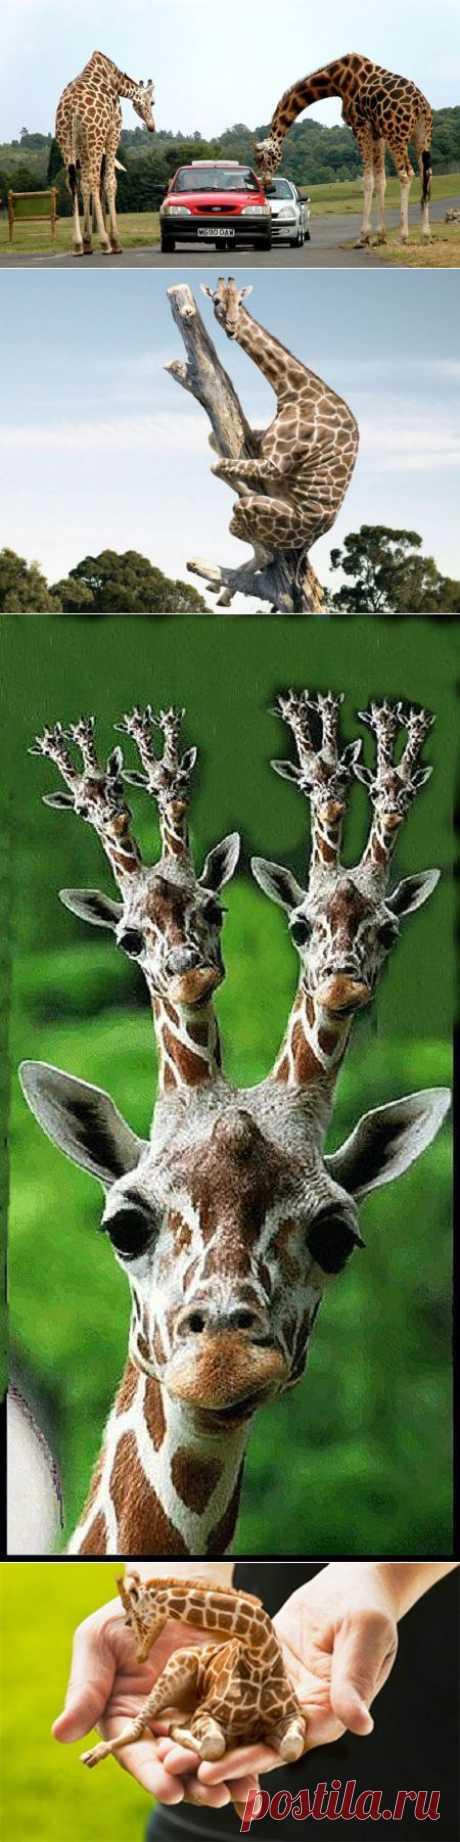 Жирафики | Уши, лапы, хвост